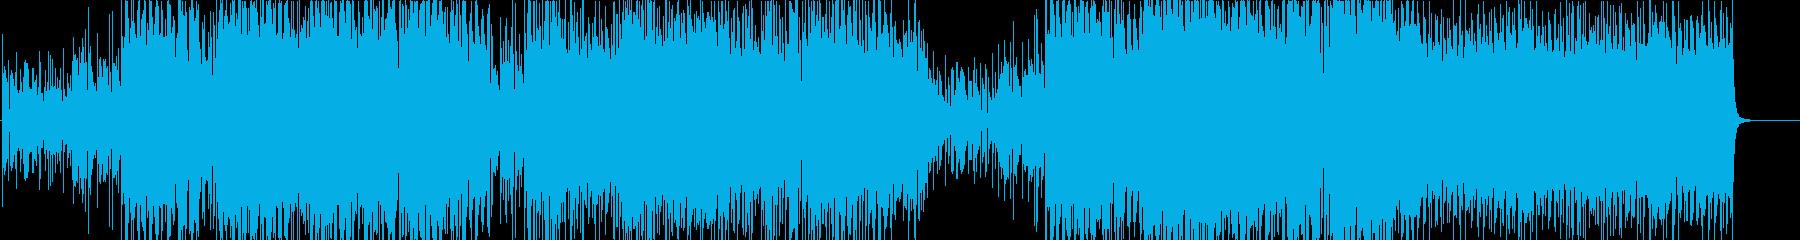 シンセサイザーイージーリスニングの音楽の再生済みの波形